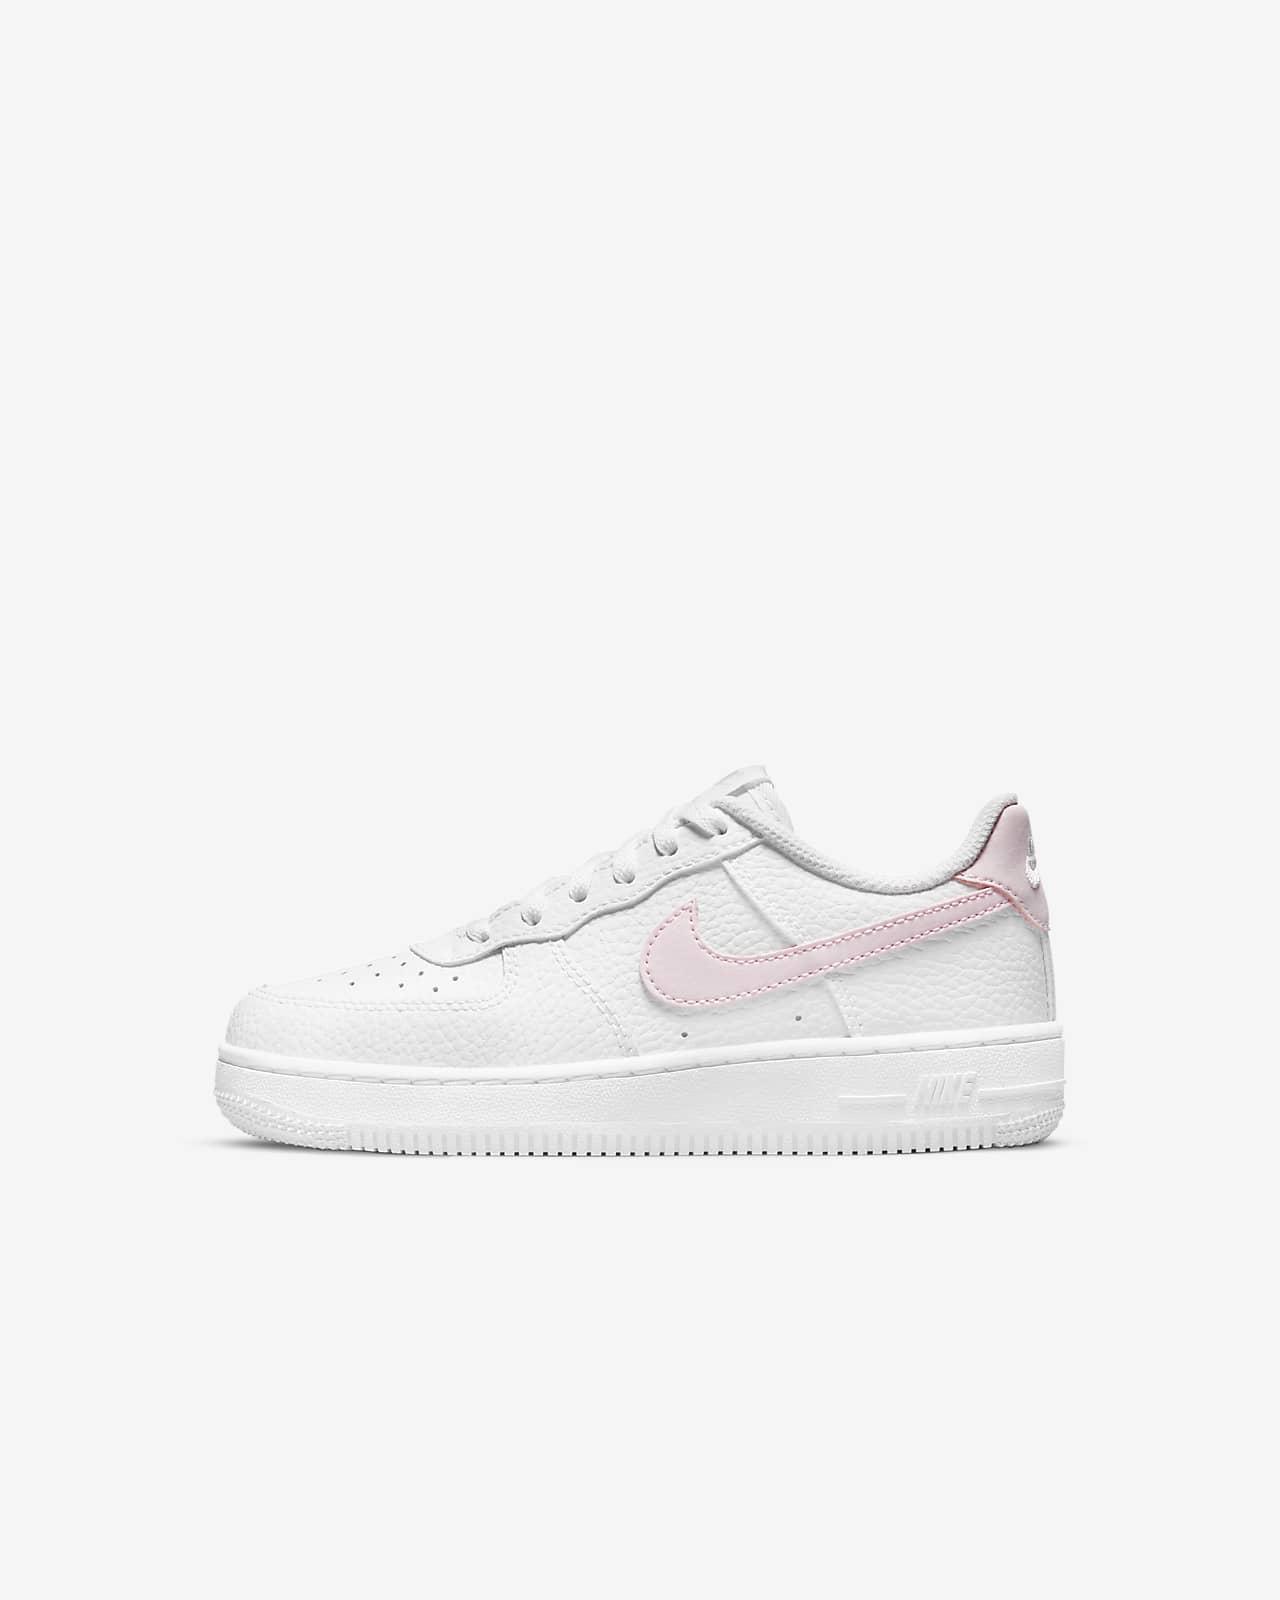 Παπούτσι Nike Force 1 για μικρά παιδιά